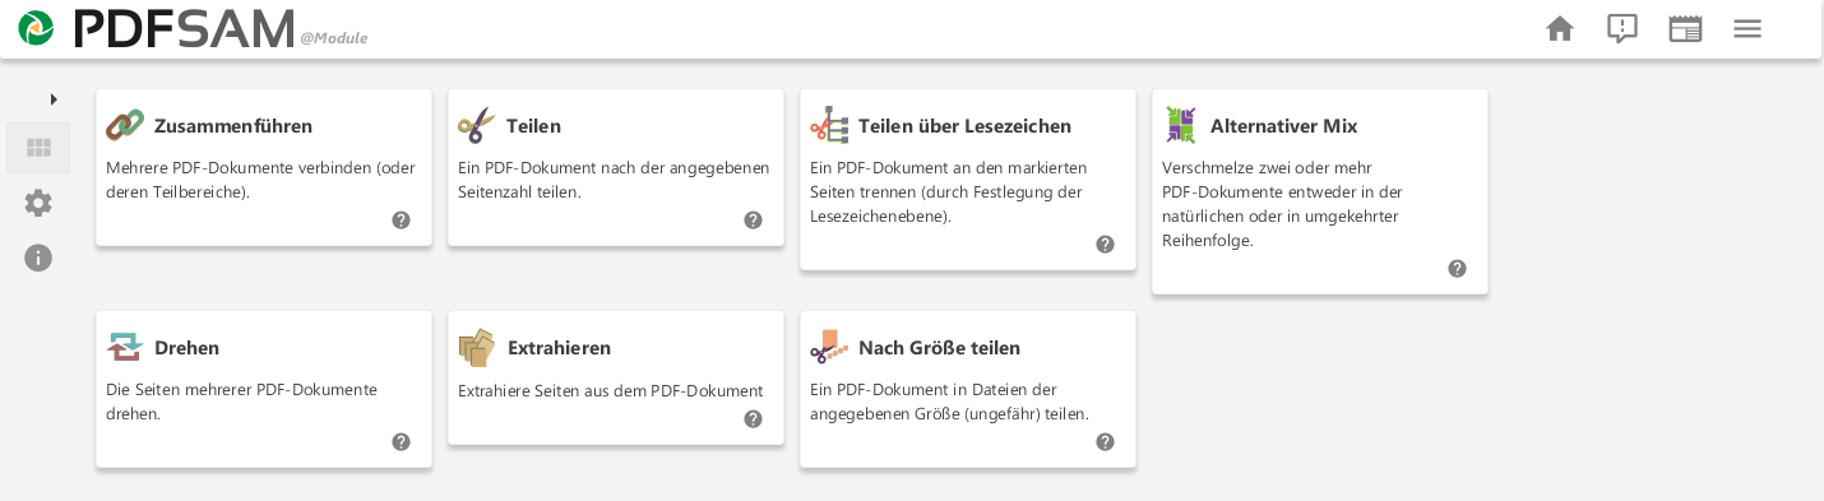 pdf dokumente zusammenfügen download kostenlos